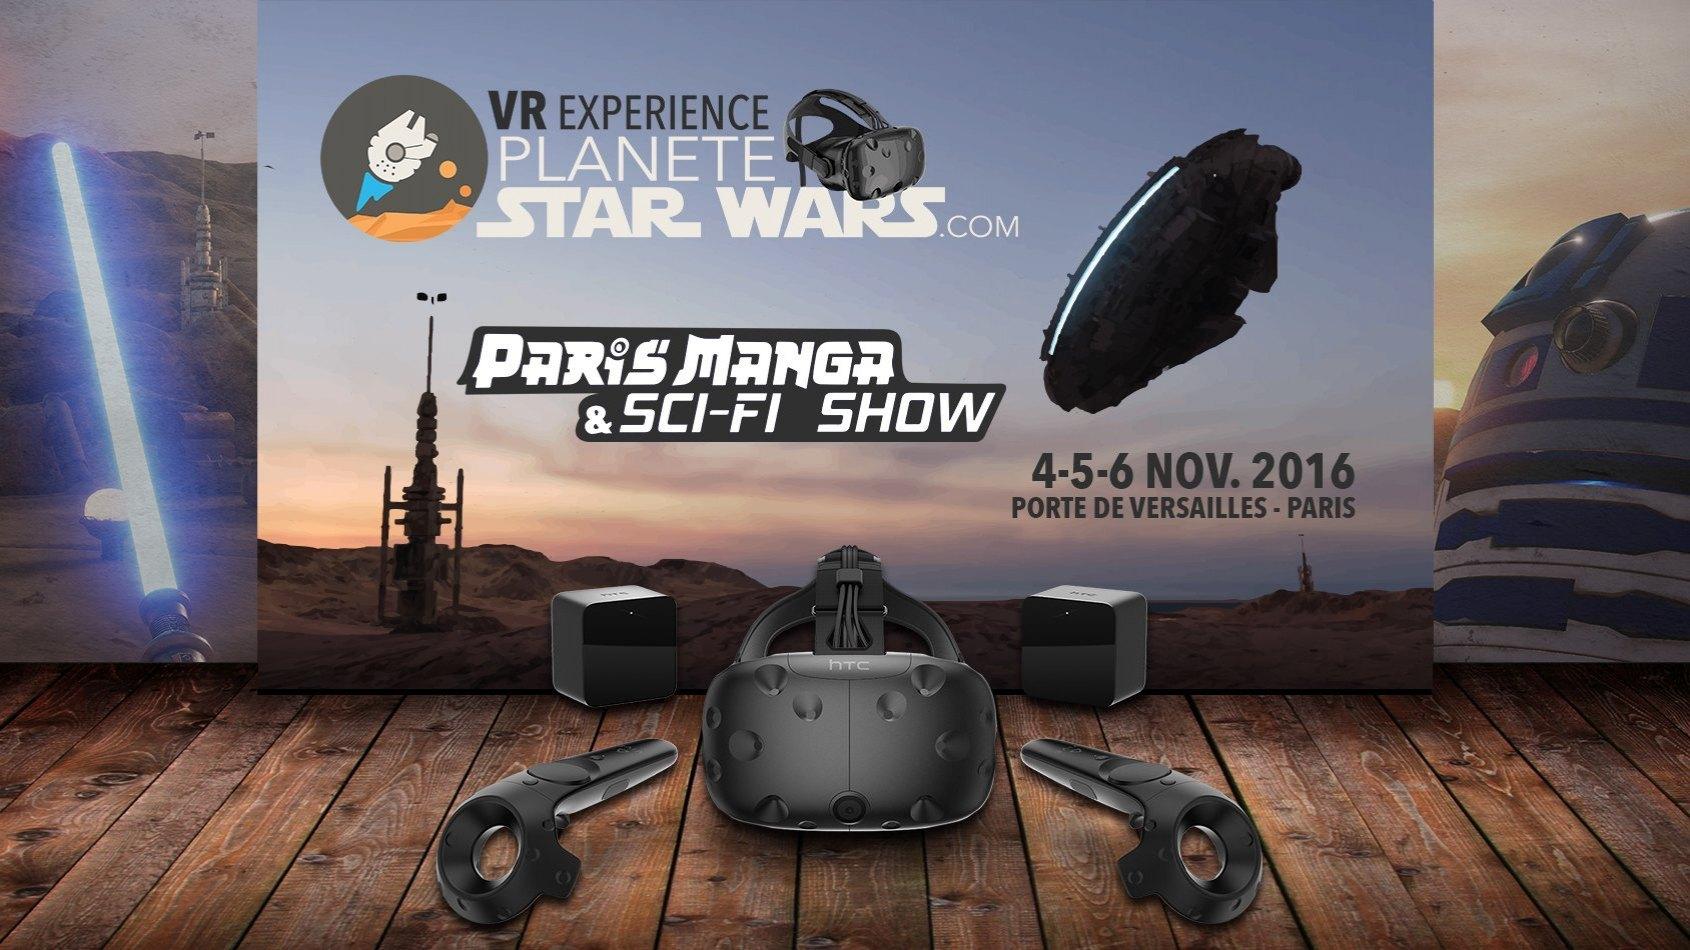 Planète Star Wars VR Experience - Comment participer à Paris Manga ?